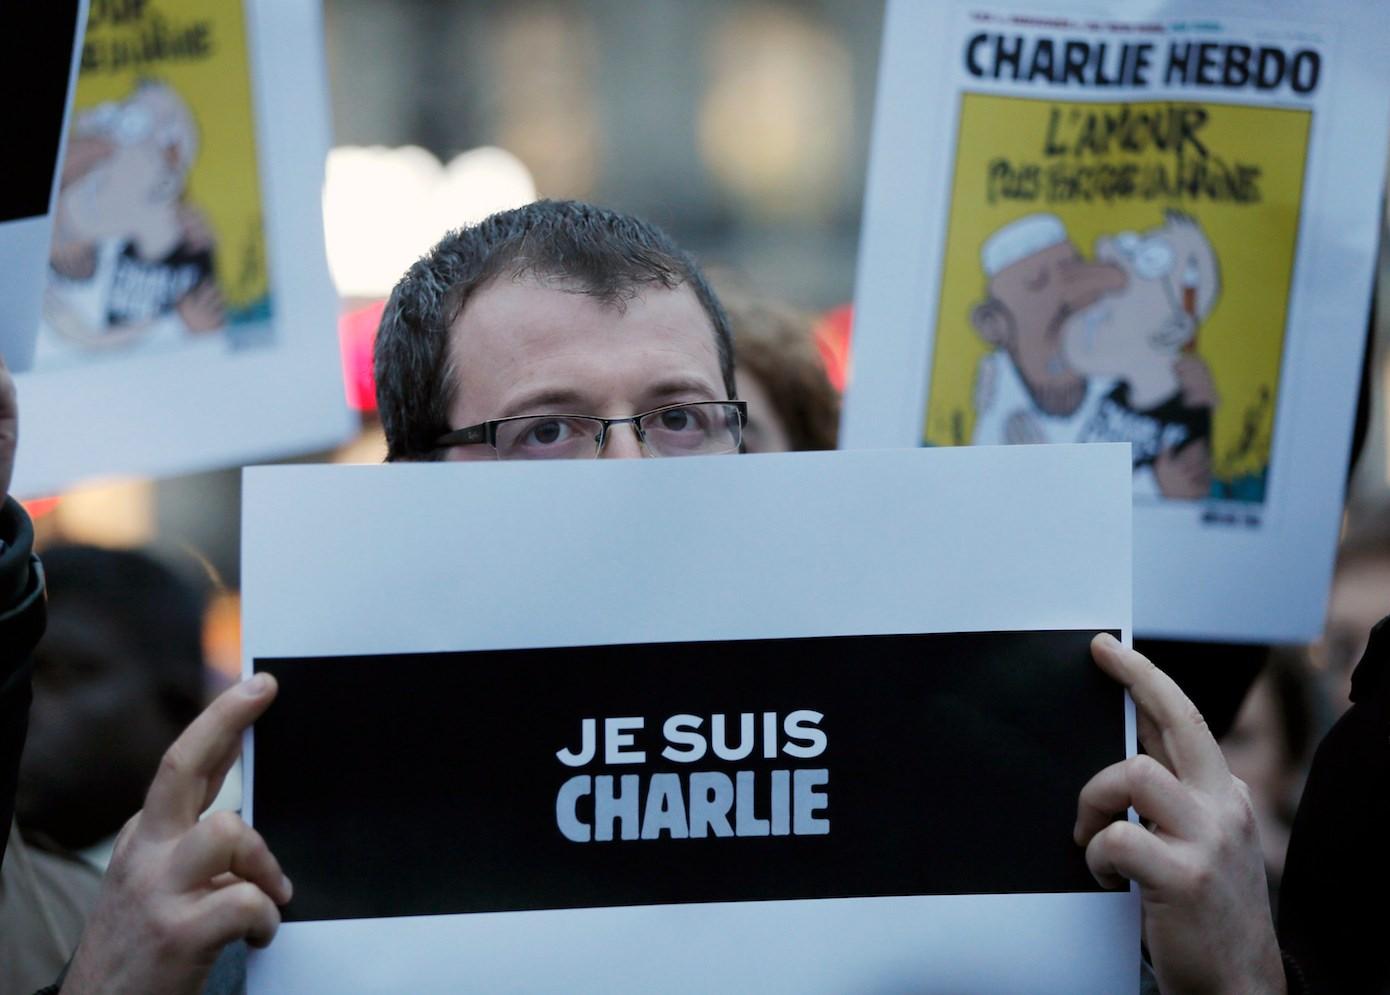 Parte de los asistentes han mostrado pancartas de apoyo a la revista, algunas de ellas con imágenes de caricaturas de Mahoma. Otros de los manifestantes han alzado lápices y bolígrafos como gesto de apoyo a la libertad de expresión./ REUTERS